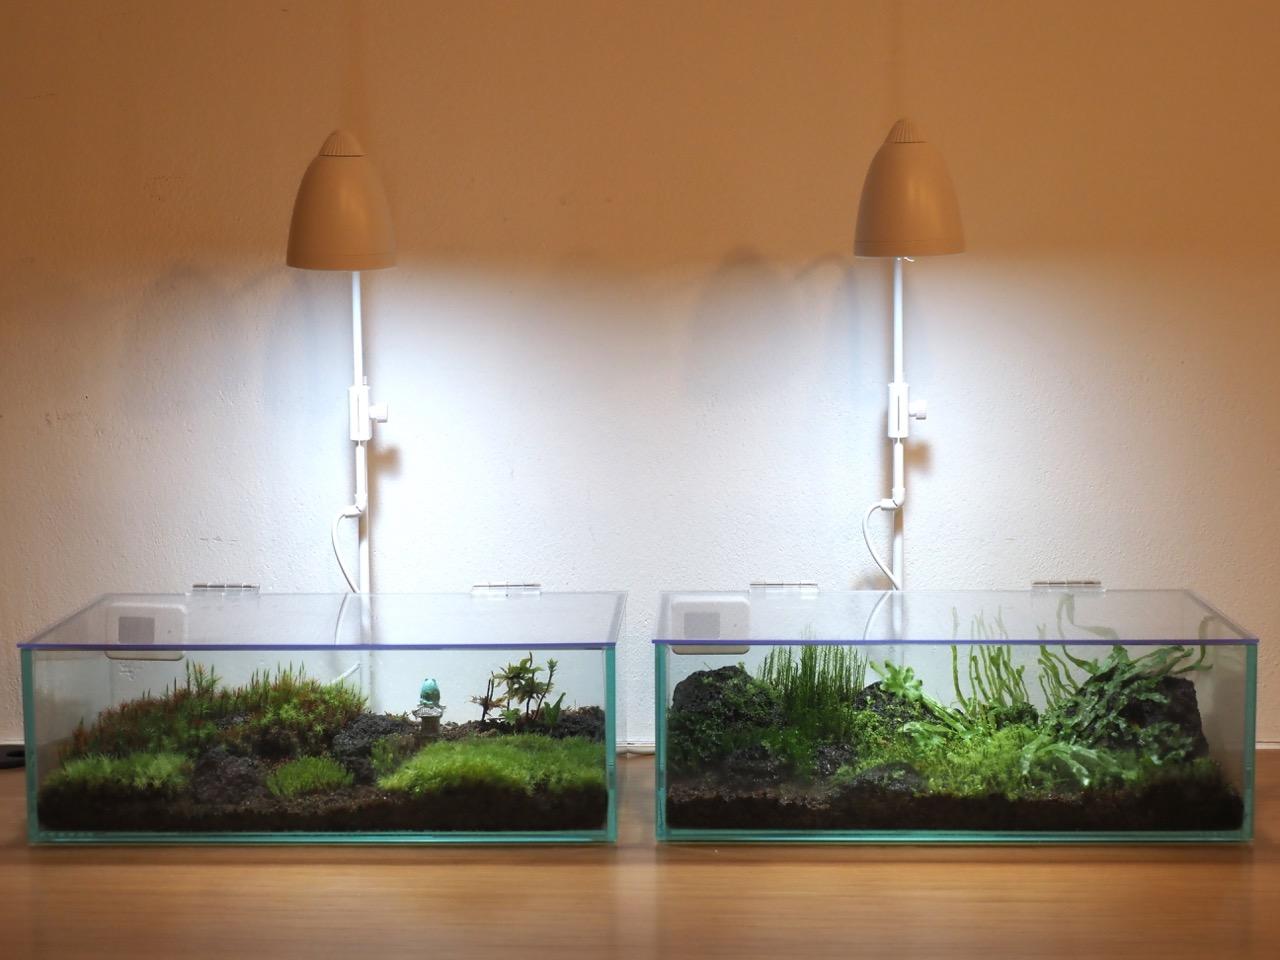 陽の当たらぬ部屋で緑を楽しむ植物ライト